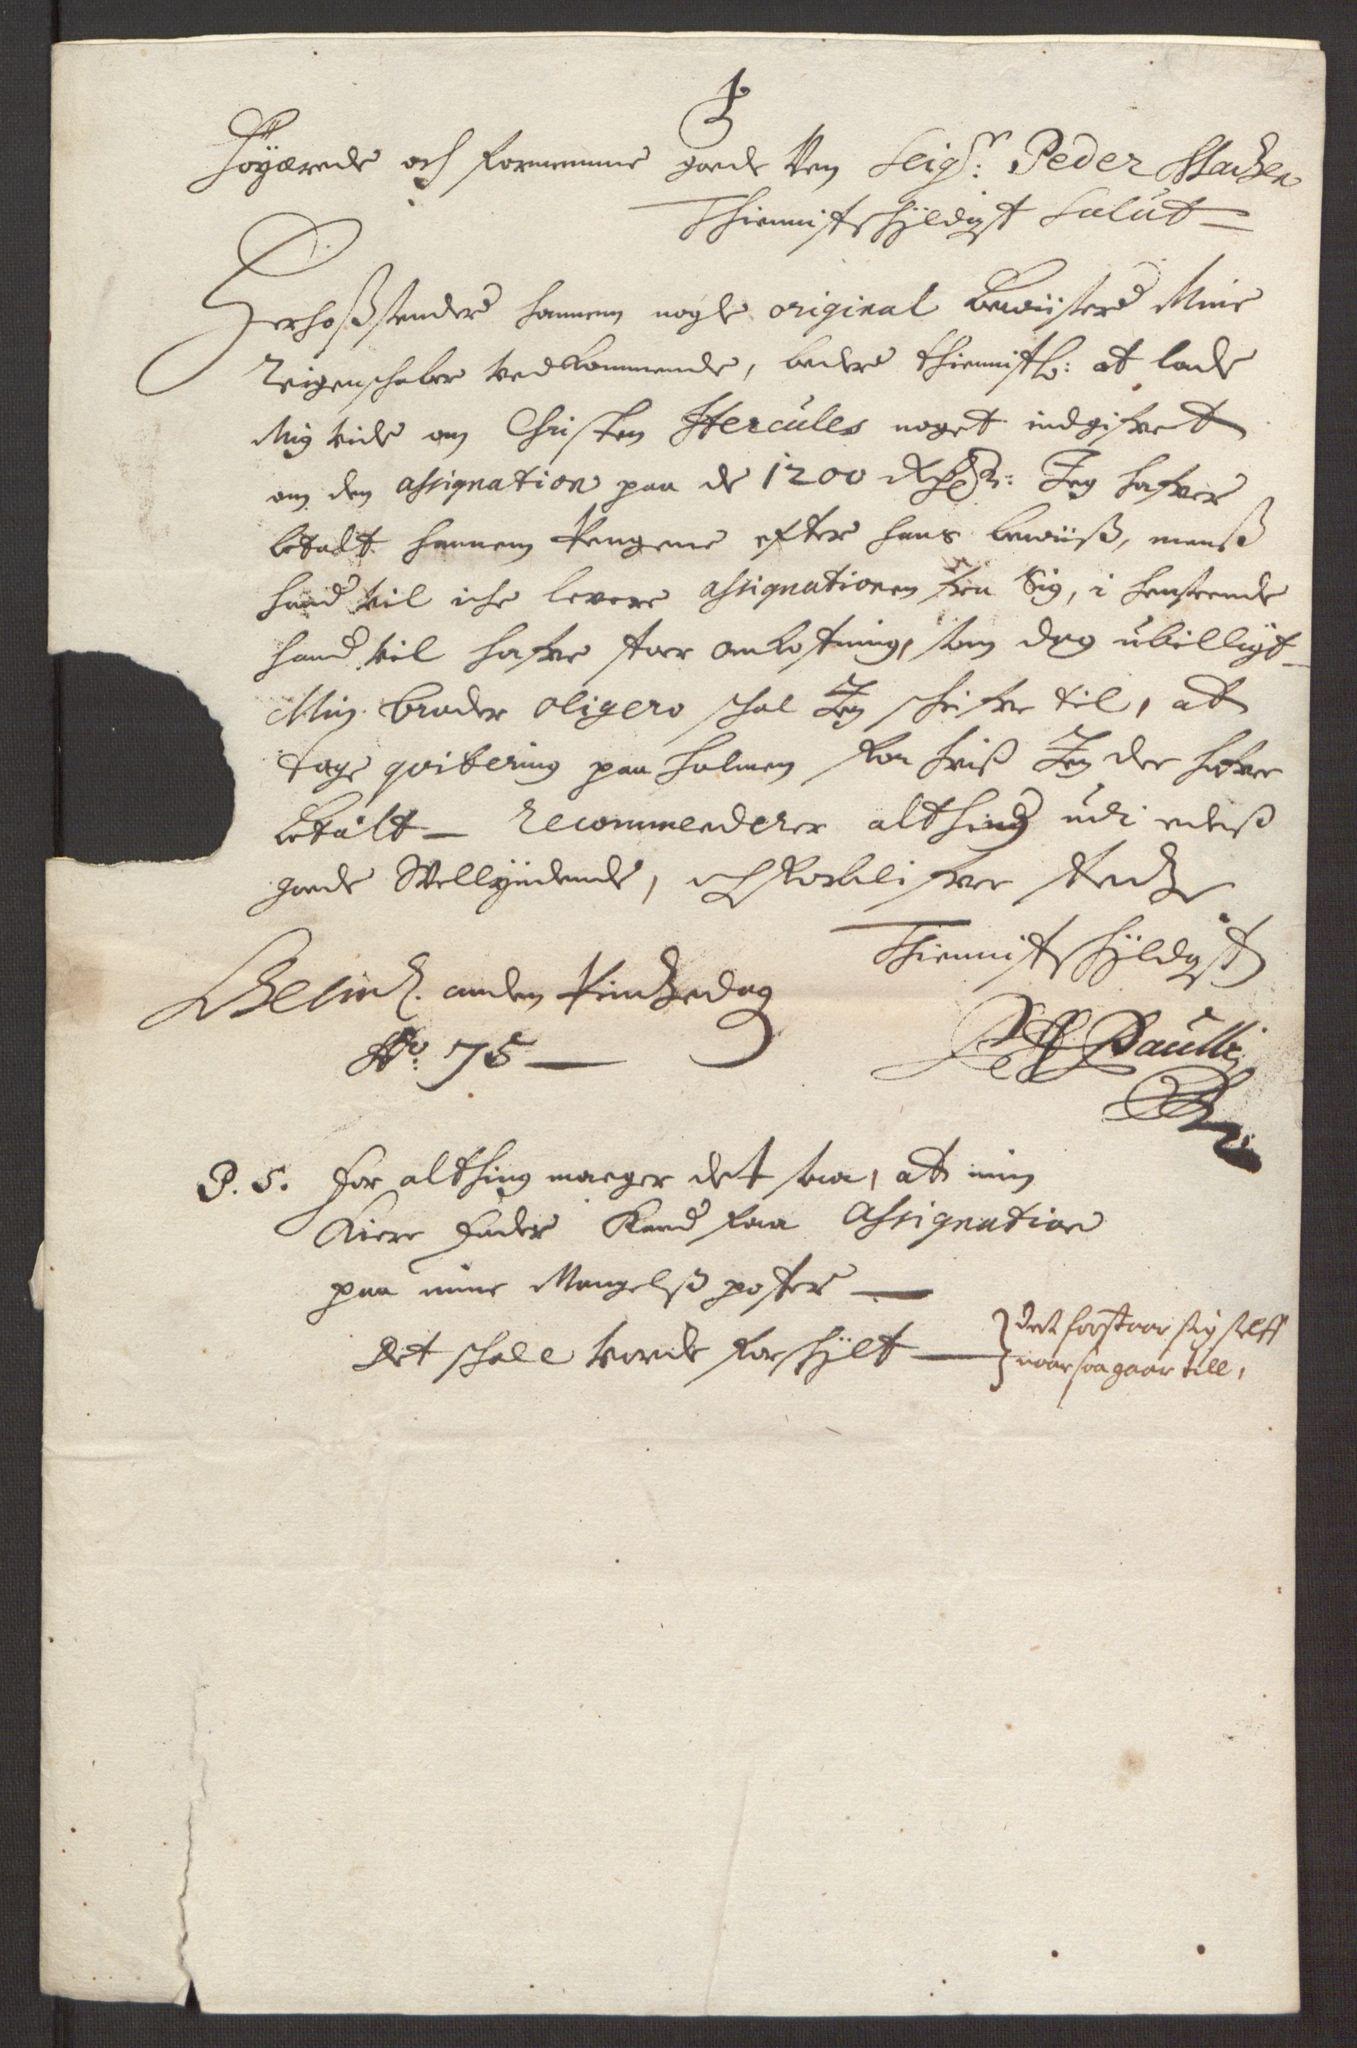 RA, Rentekammeret inntil 1814, Reviderte regnskaper, Fogderegnskap, R35/L2062: Fogderegnskap Øvre og Nedre Telemark, 1674, s. 406